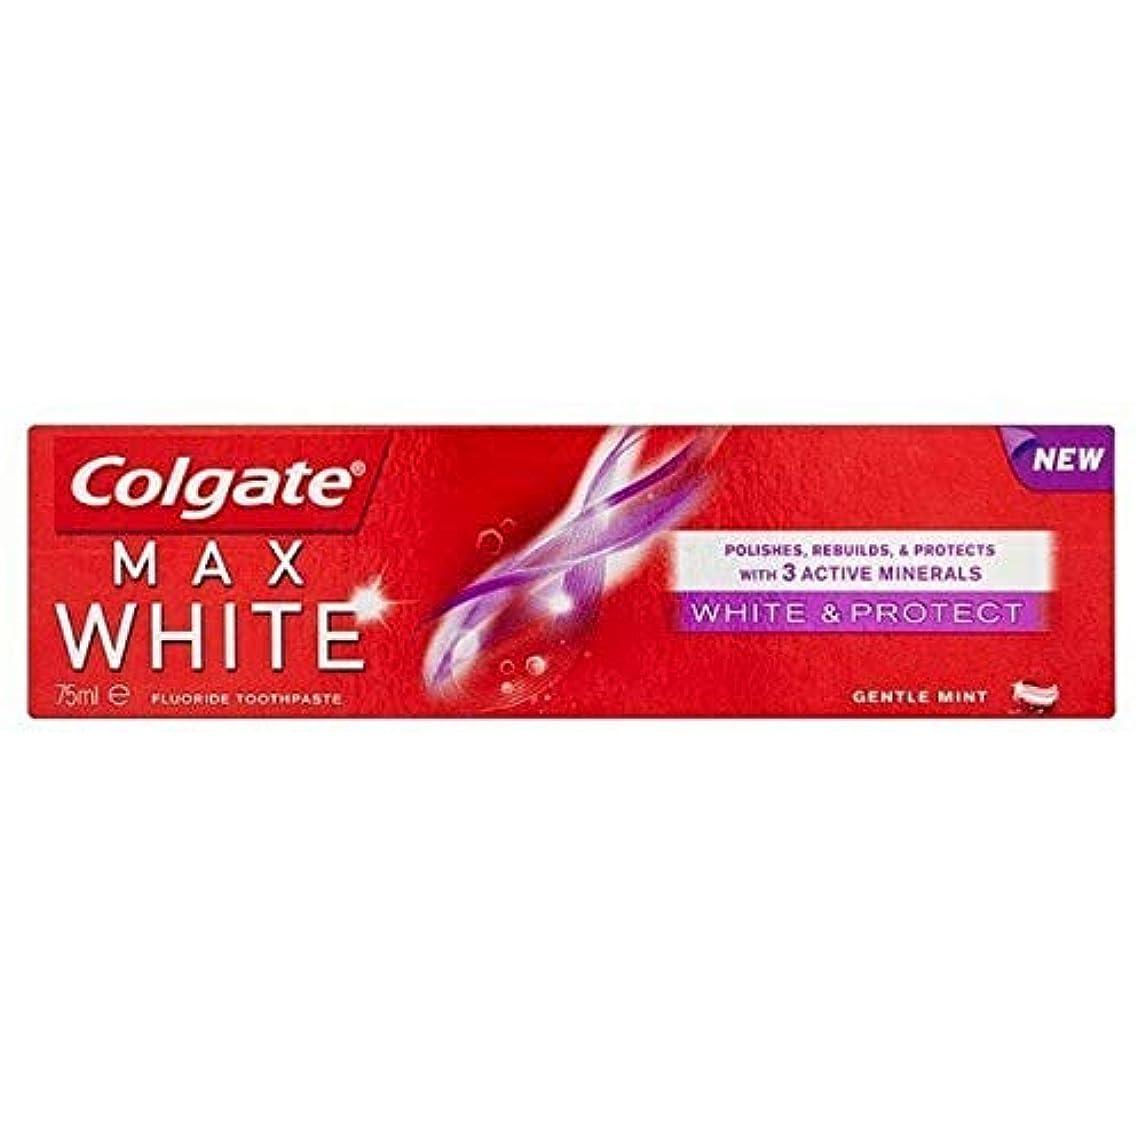 抽出雄大な施し[Colgate ] コルゲートマックスホワイトホワイトニング&歯磨き粉75ミリリットルを保護 - Colgate Max White Whitening & Protect Toothpaste 75ml [並行輸入品]